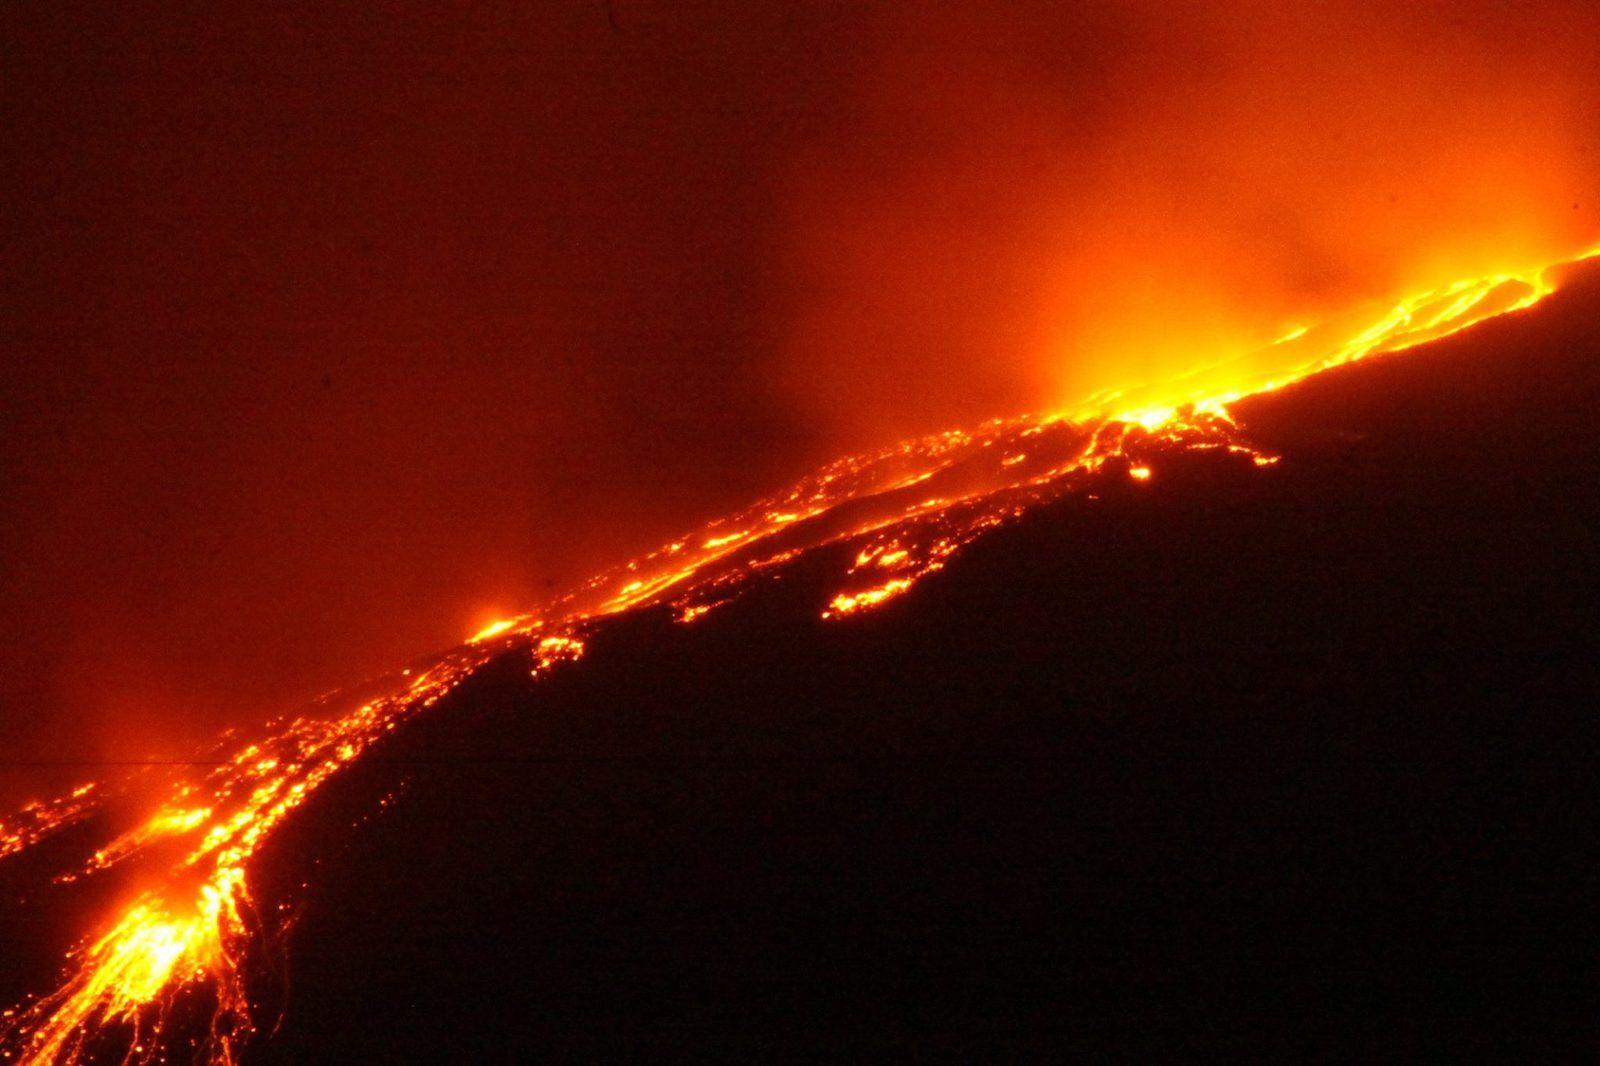 Etna - les coulées de lave sont bien alimentées - photo RossoEtna 15.06.2014 / 23h.